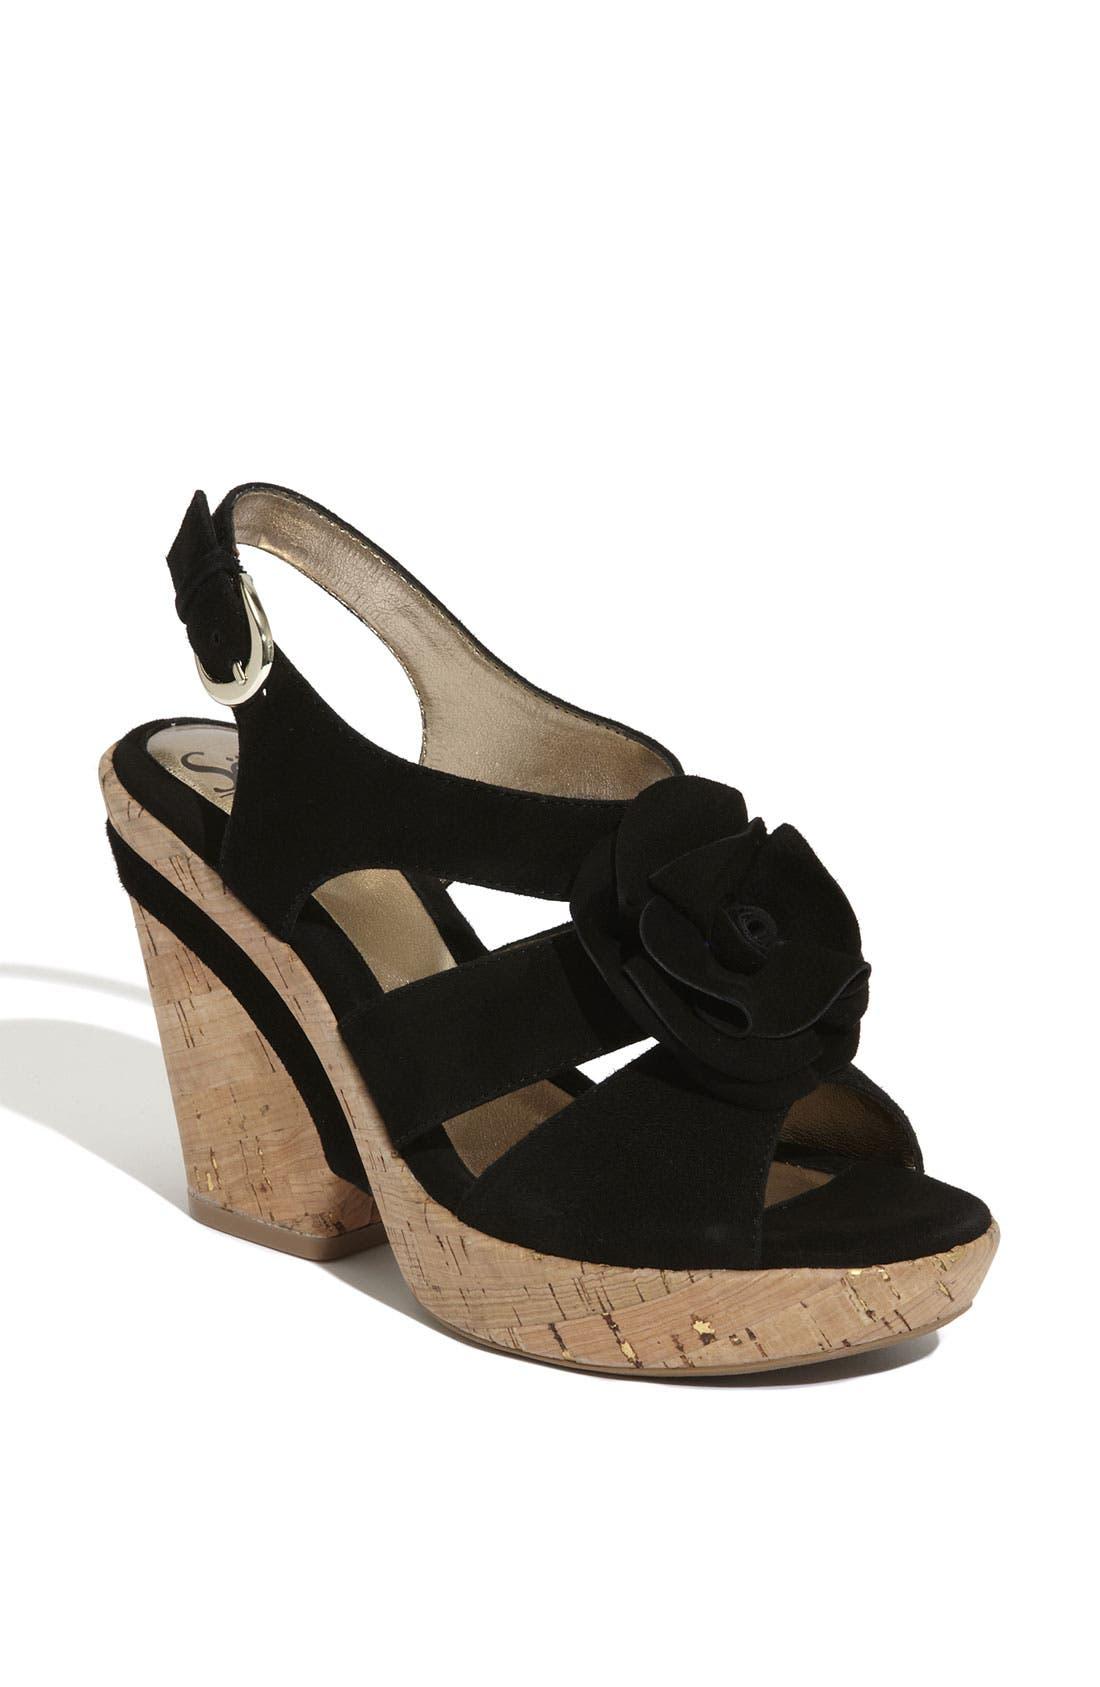 Alternate Image 1 Selected - Söfft 'Odelle' Sandal